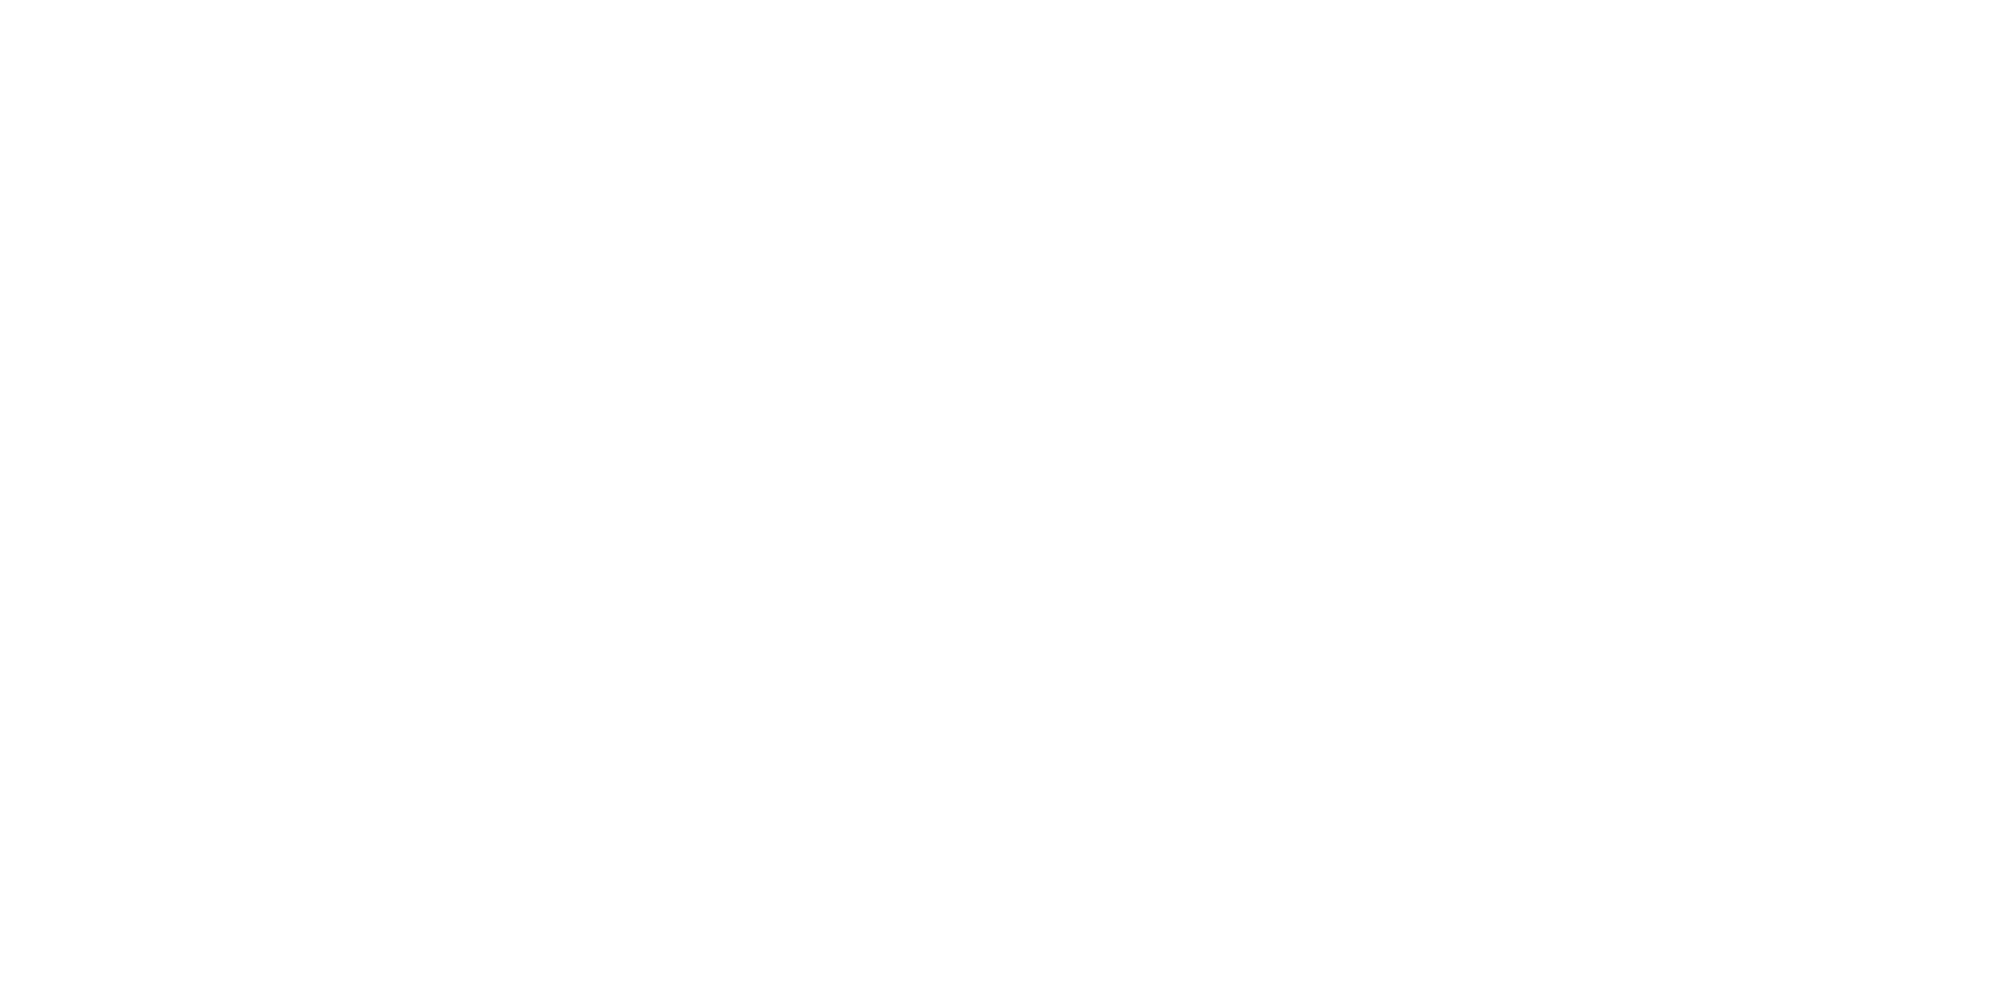 MDoit022